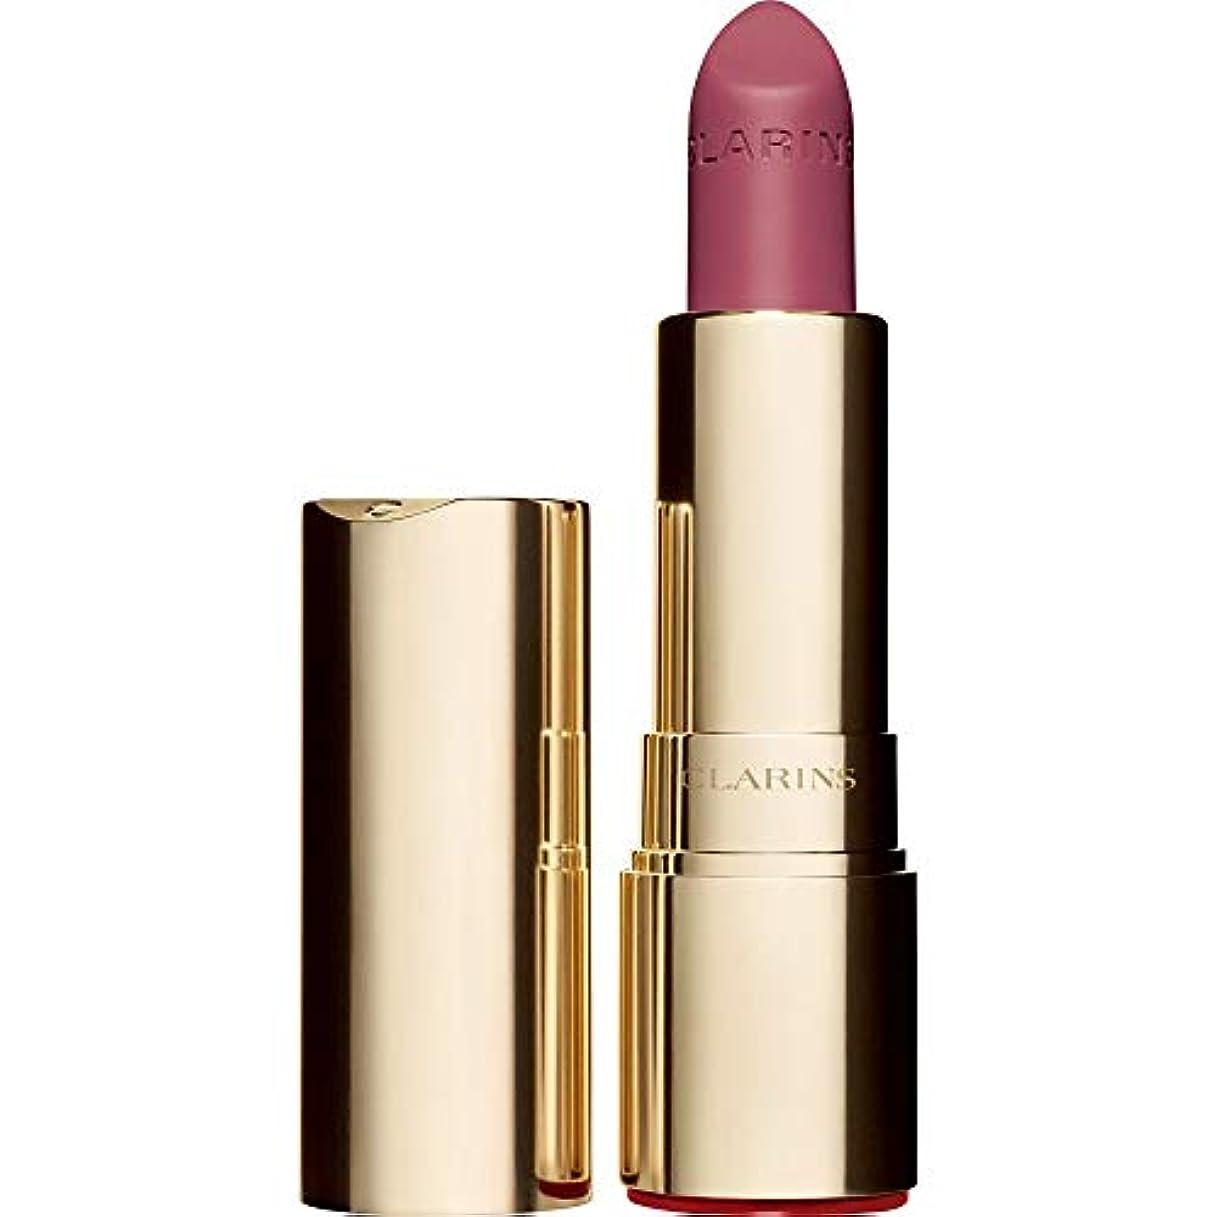 助言代替案吸う[Clarins ] クラランスジョリルージュのベルベットの口紅3.5グラムの755V - レイシ - Clarins Joli Rouge Velvet Lipstick 3.5g 755V - Litchi [並行輸入品]